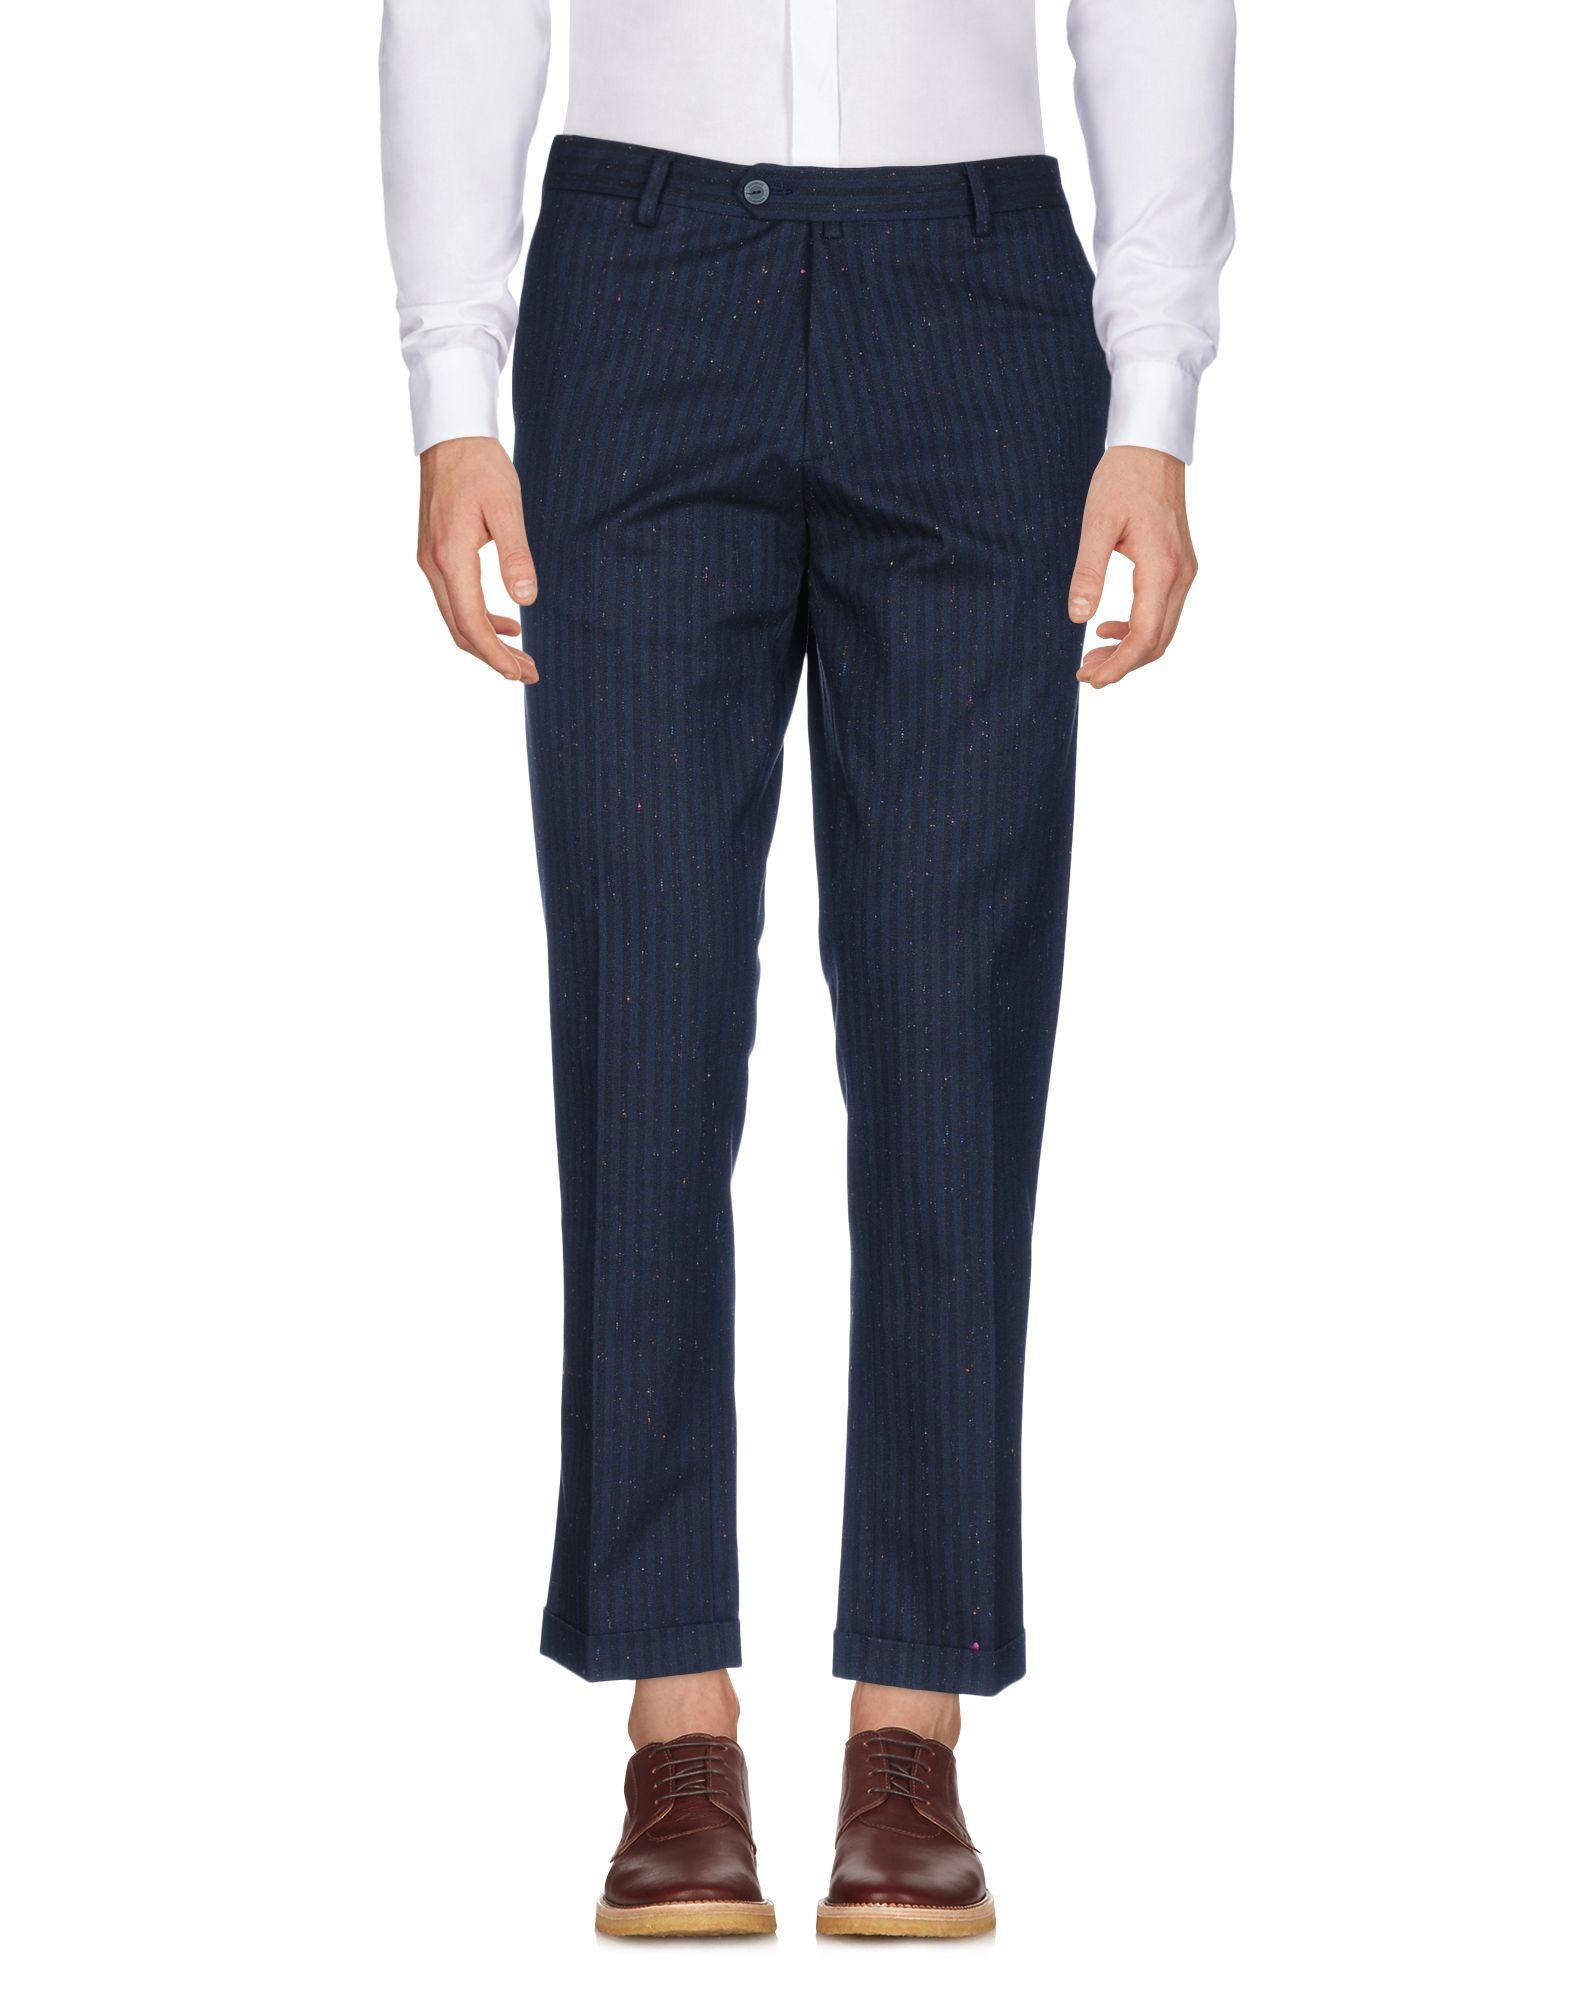 Pantalone Briglia 1949 Uomo - Acquista online su